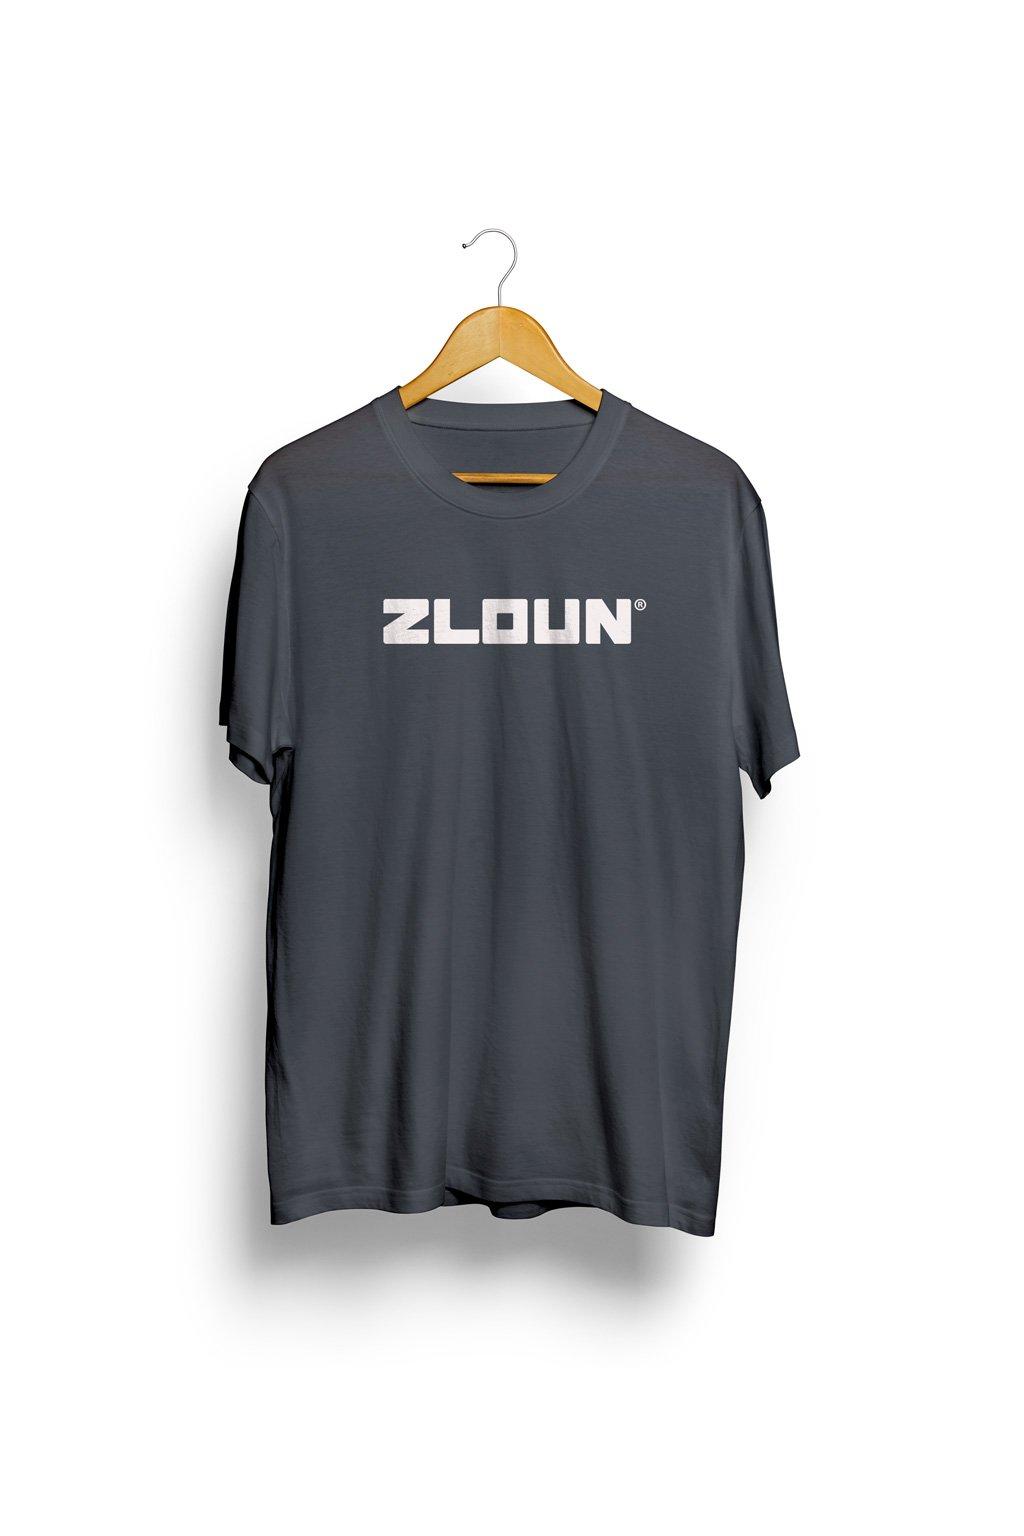 zloun grey